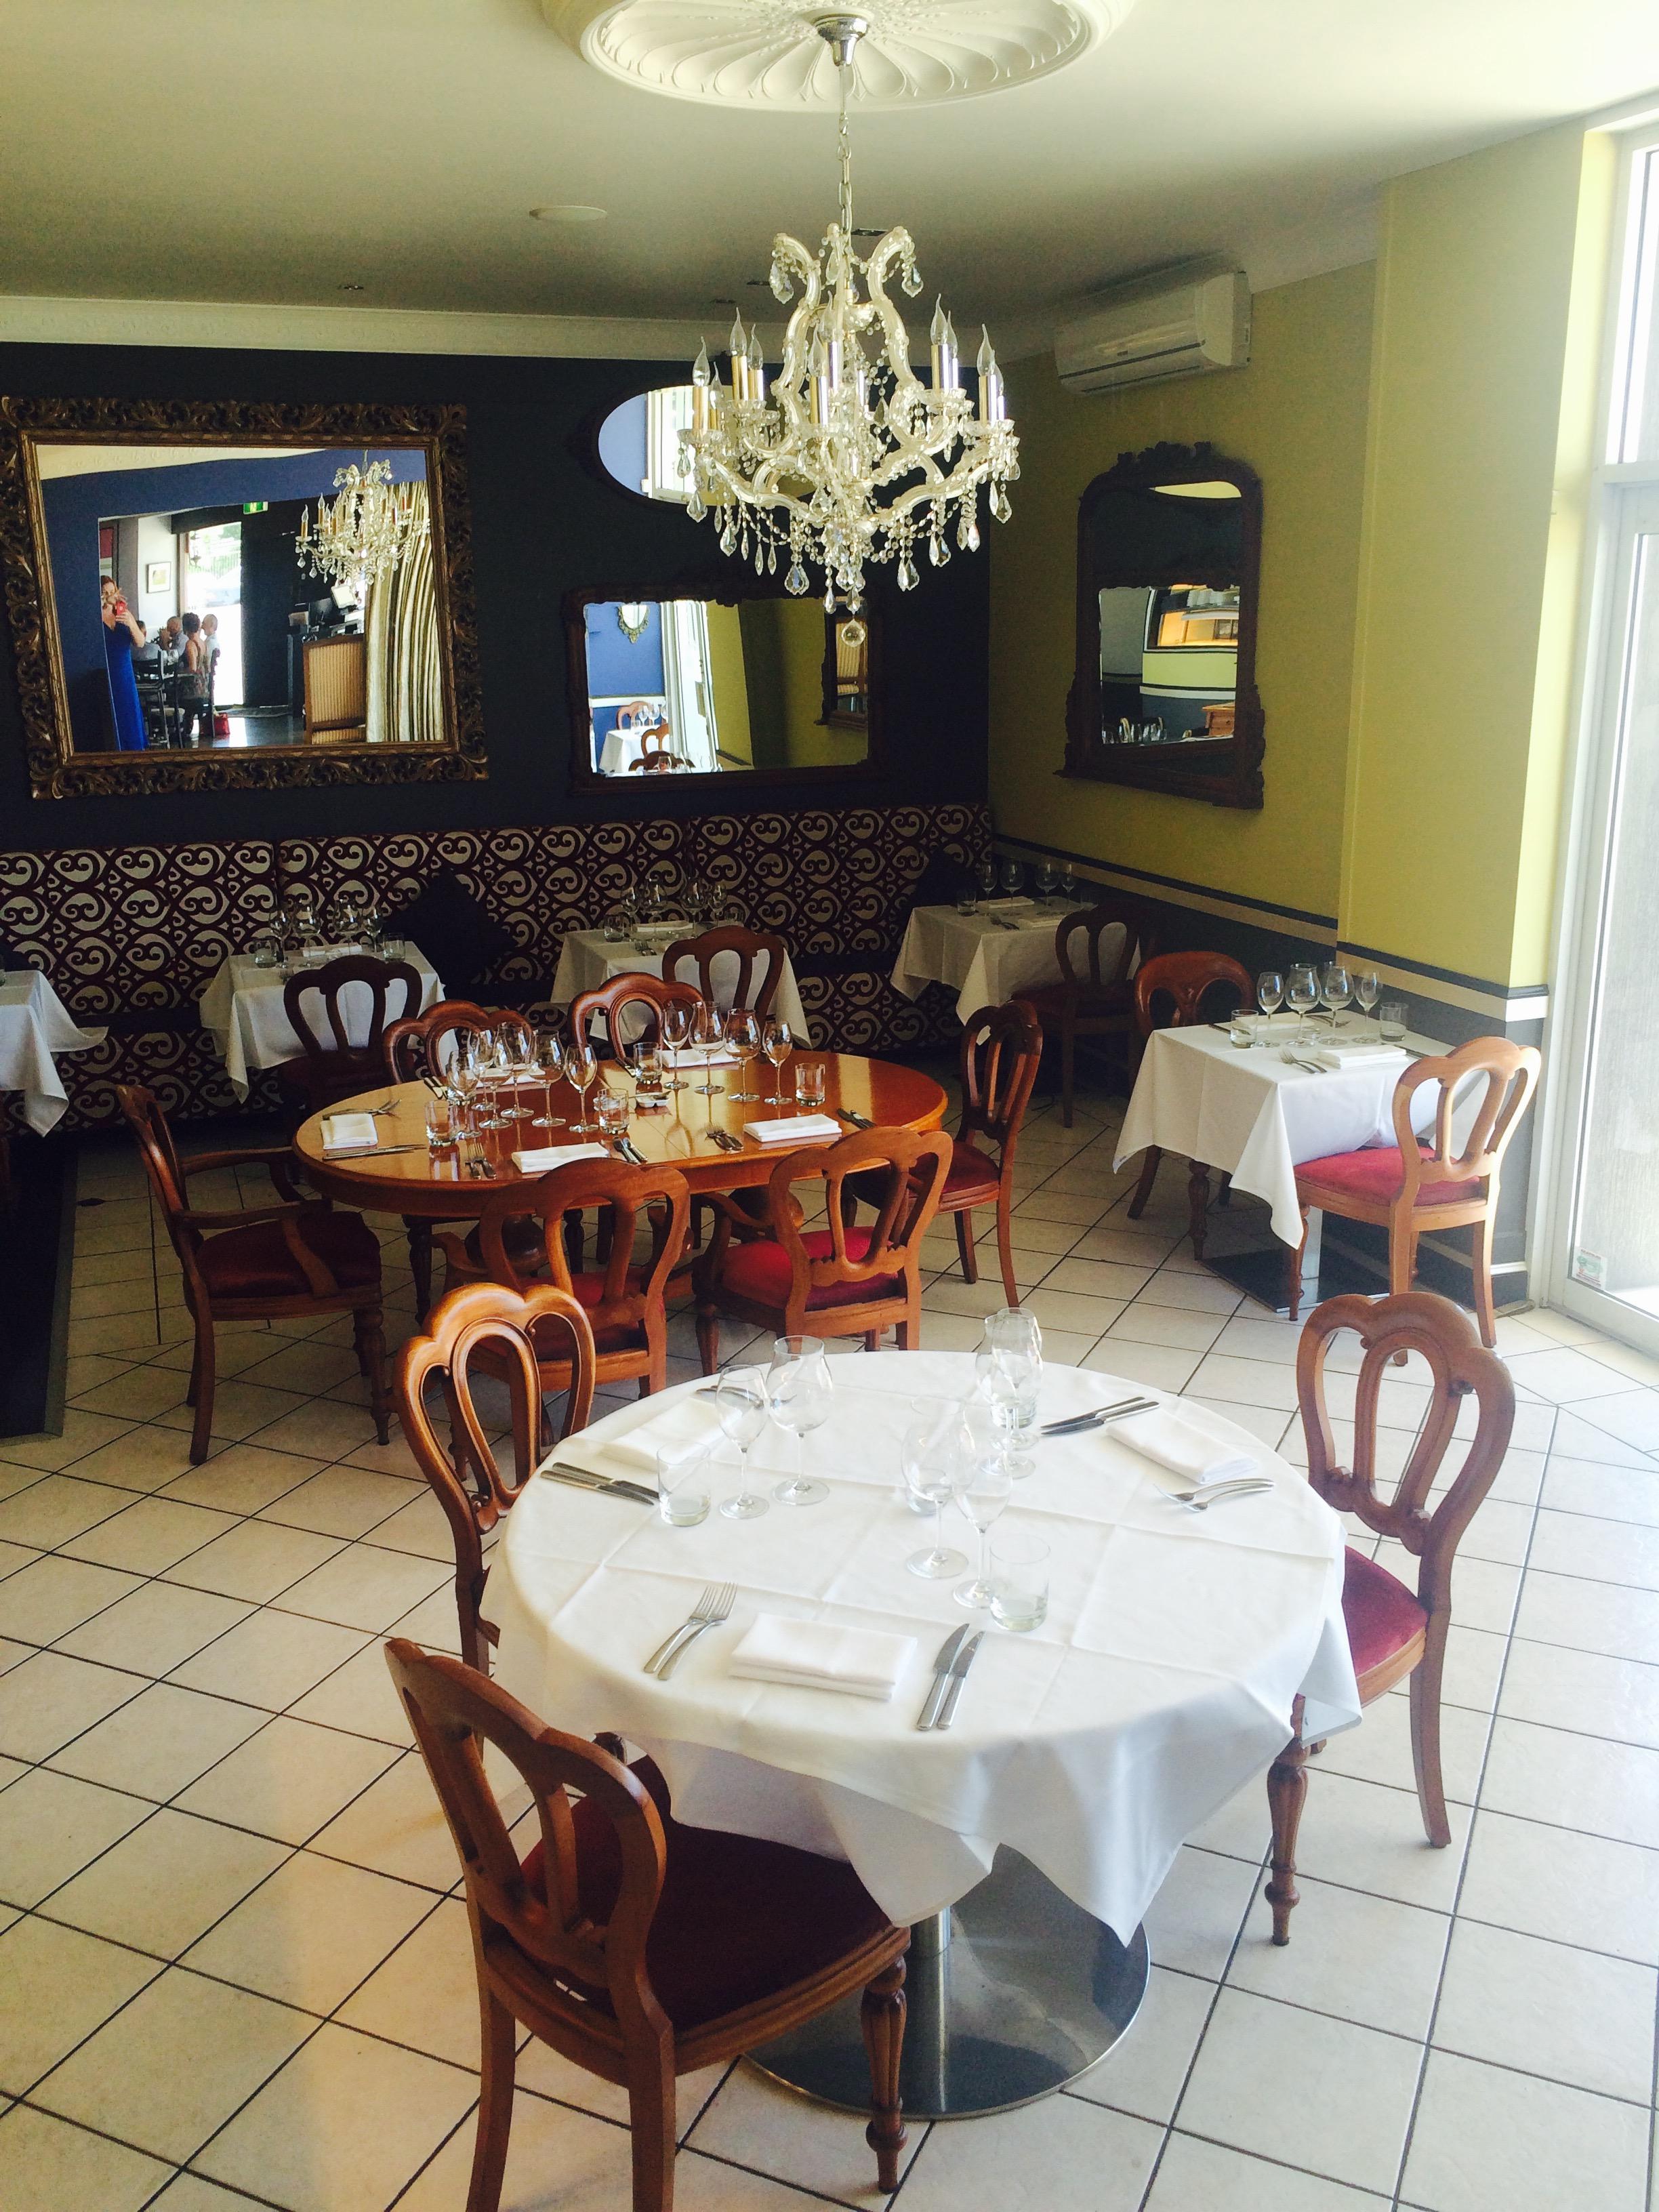 Best of little truffle dining room bar light of dining for Dining room bar